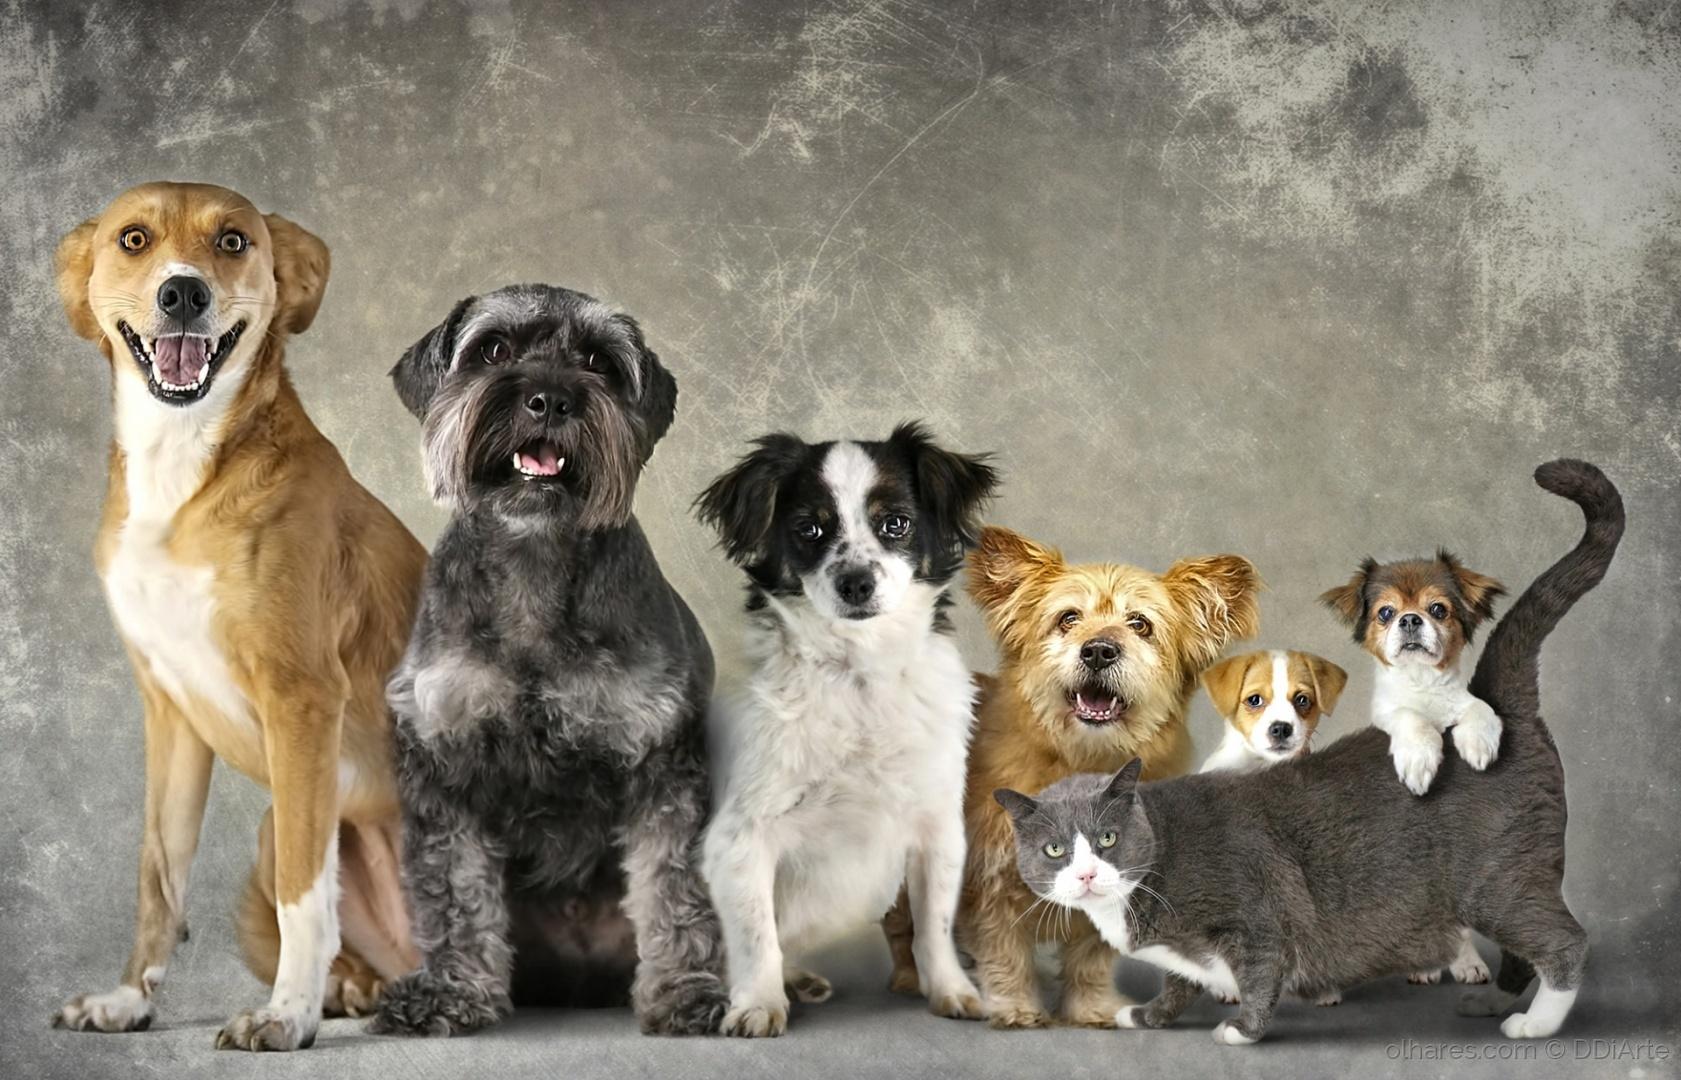 Animais/Gato e Cães